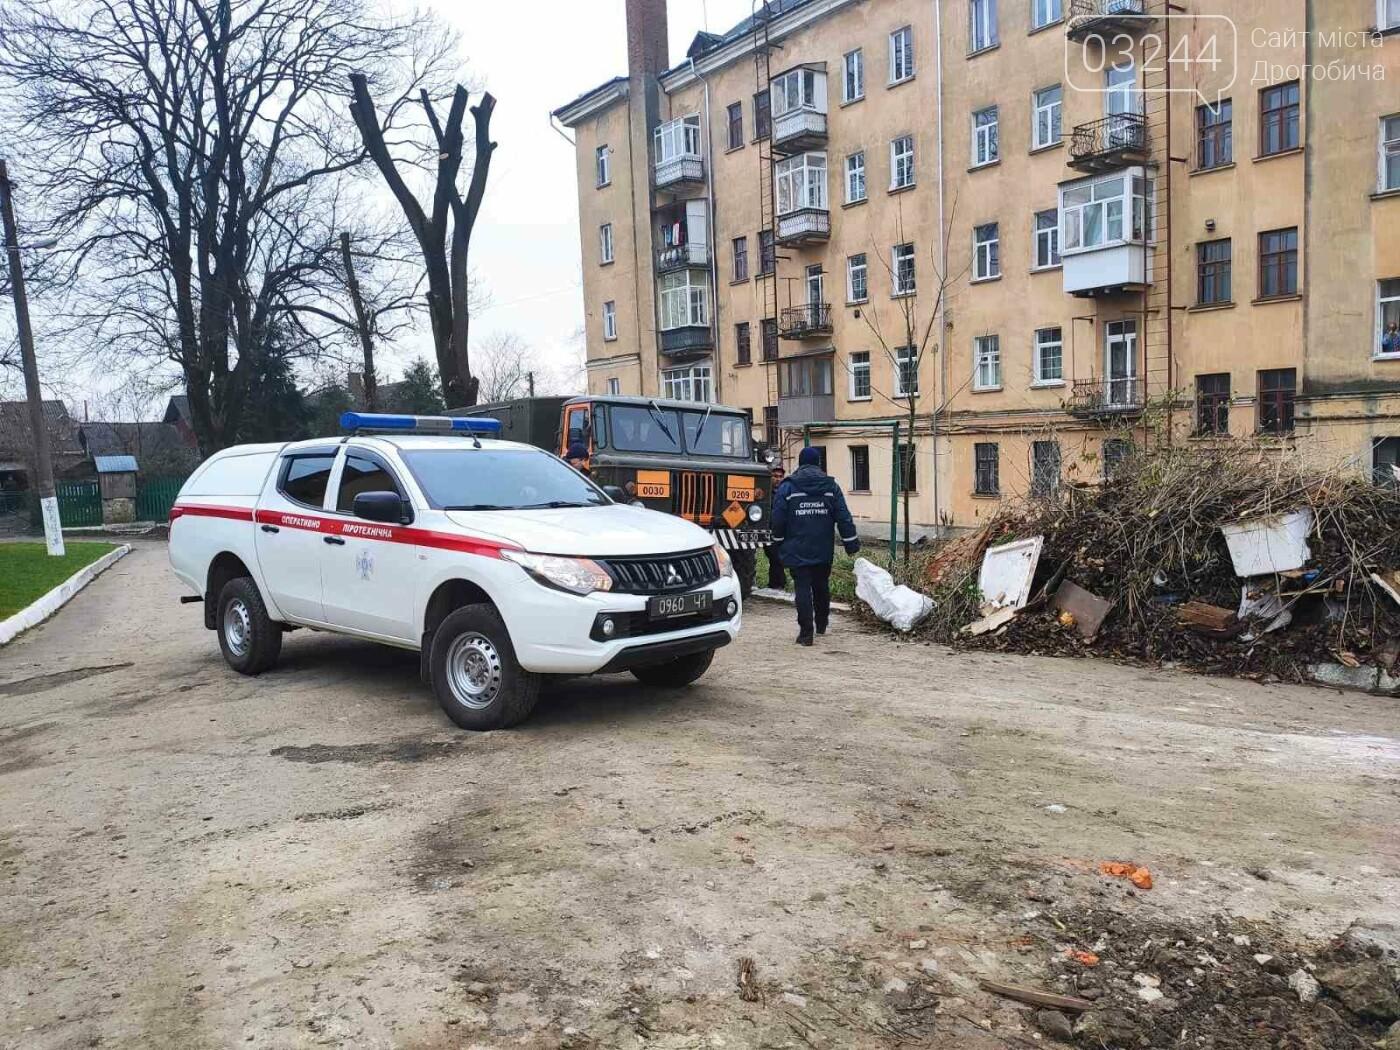 У Дрогобичі на вулиці Стрийській знайшли гранату, - ФОТО, фото-5